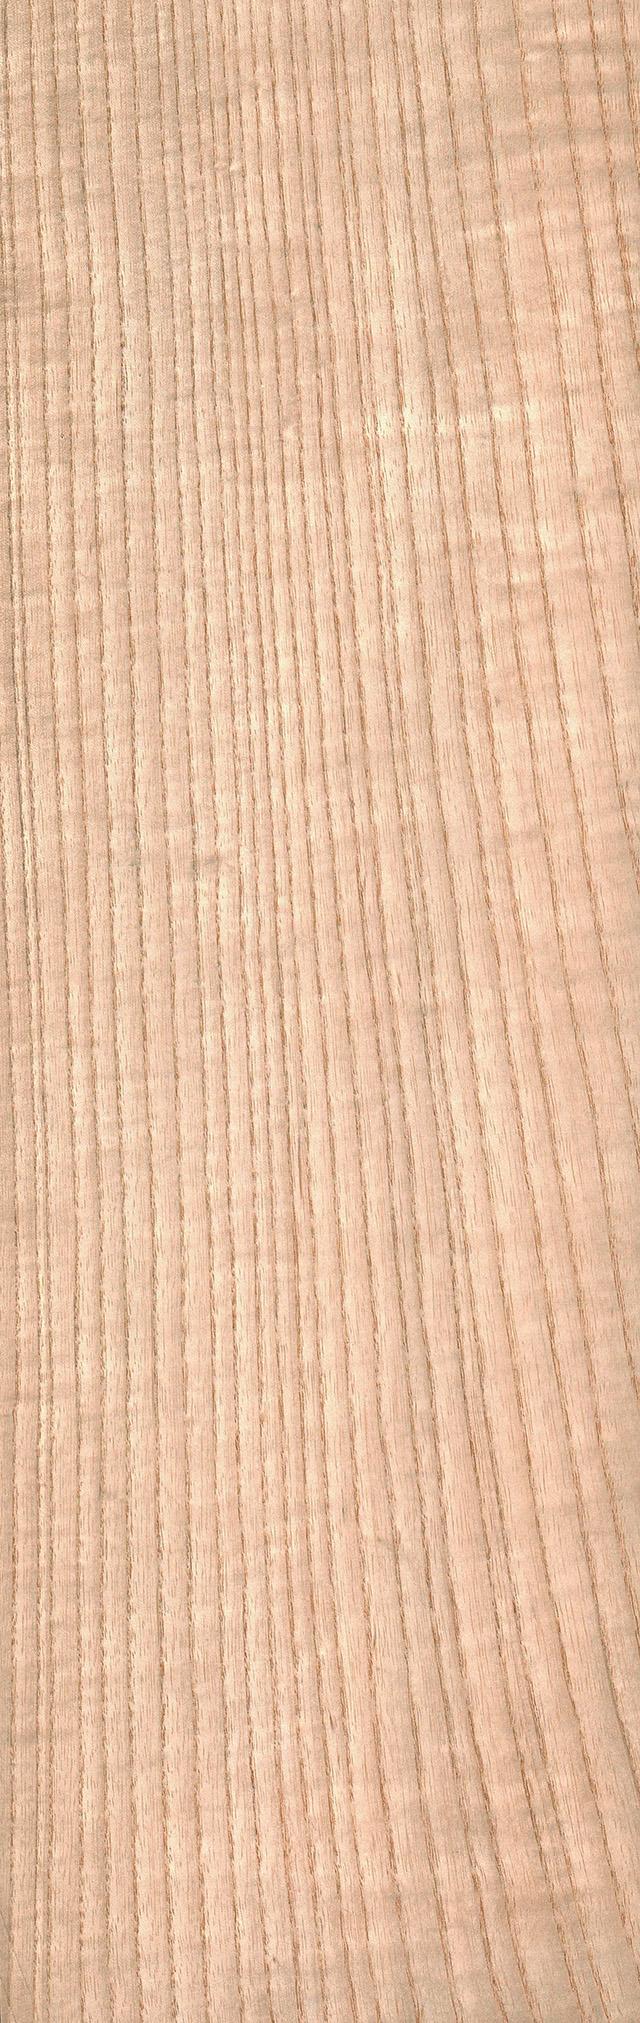 White Ash The Wood Database Lumber Identification